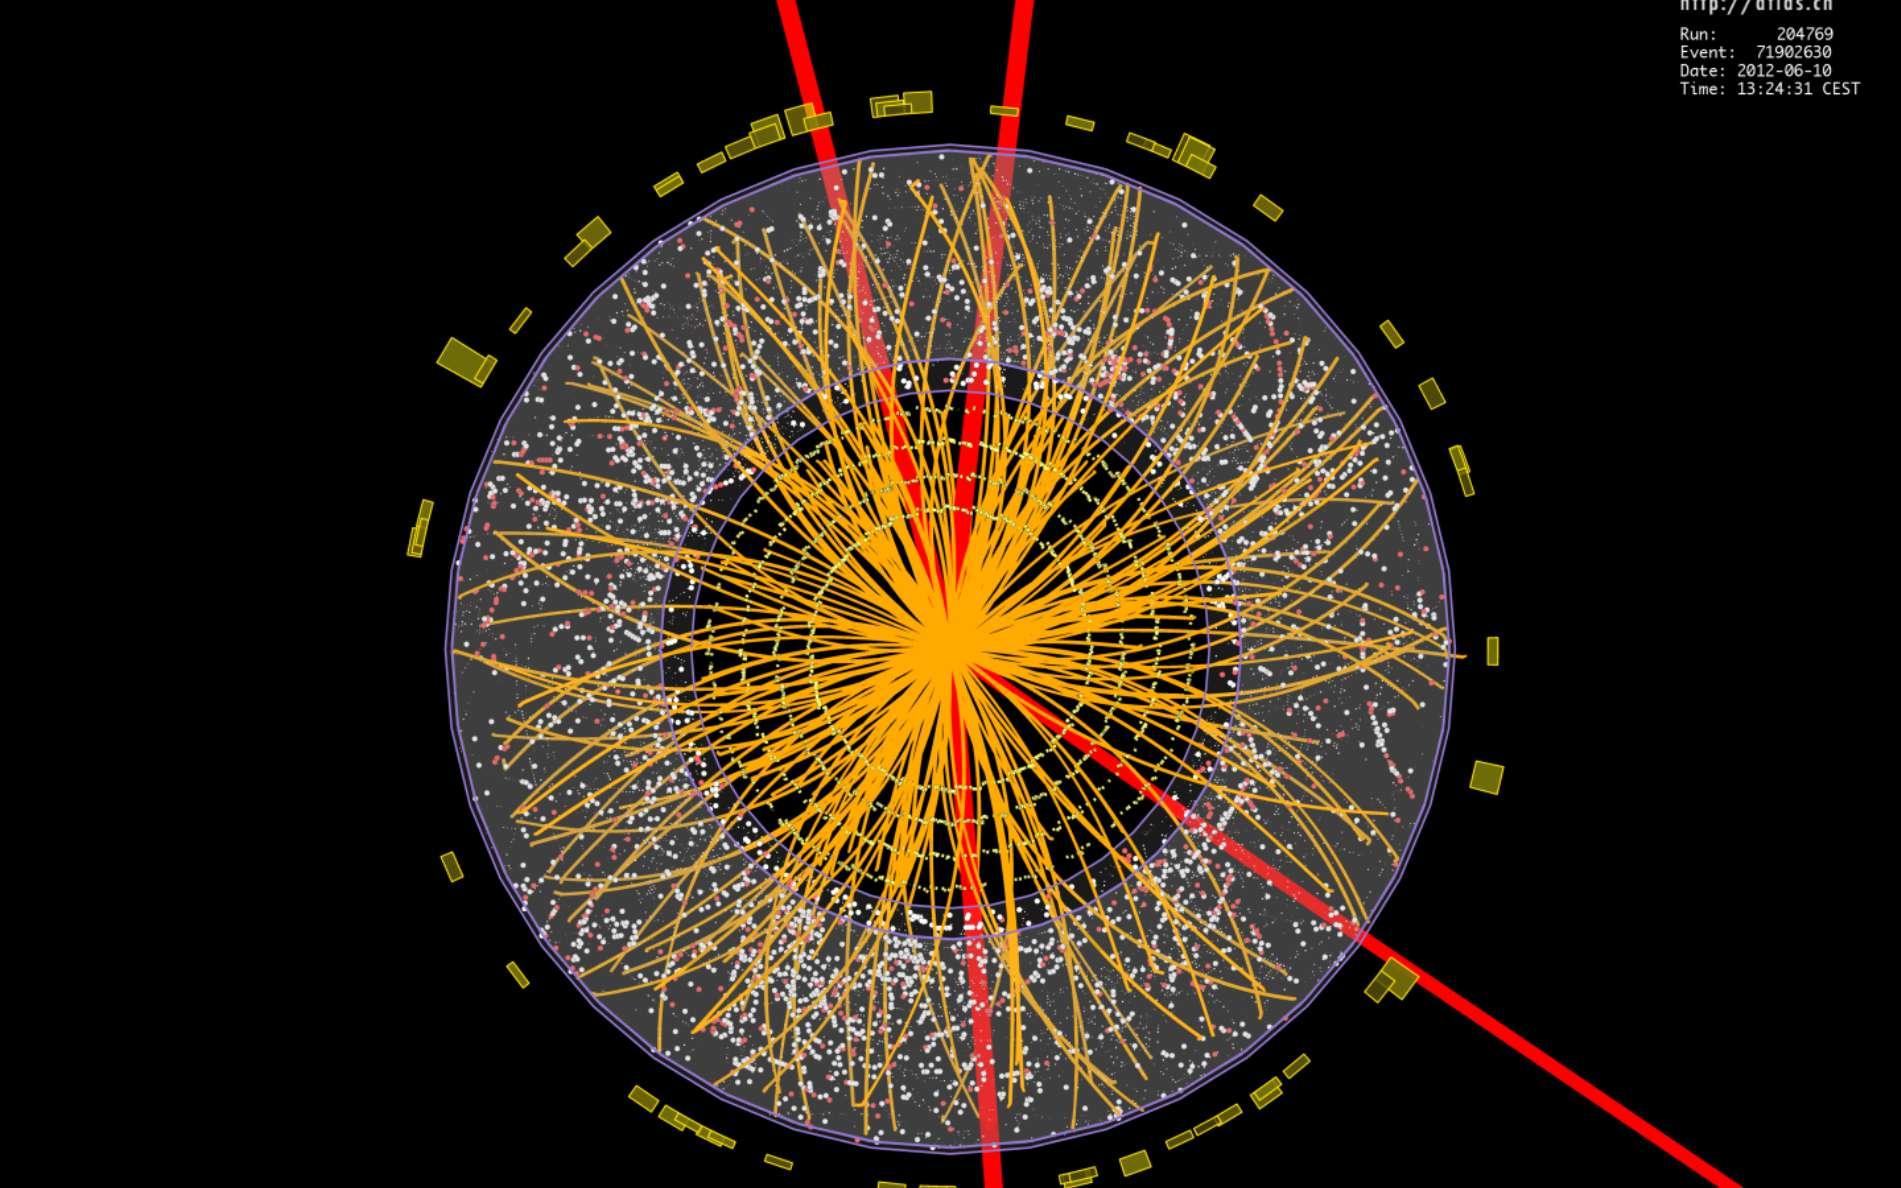 Cette image montre, reconstituée à l'ordinateur après filtrage de bien des évènements parasites, la désintégration d'un boson de Brout-Englert-Higgs au cœur du détecteur Atlas du LHC. Le boson a donné quatre particules chargées, des muons dont les trajectoires ont été colorées en rouge. © Cern, Collaboration Atlas